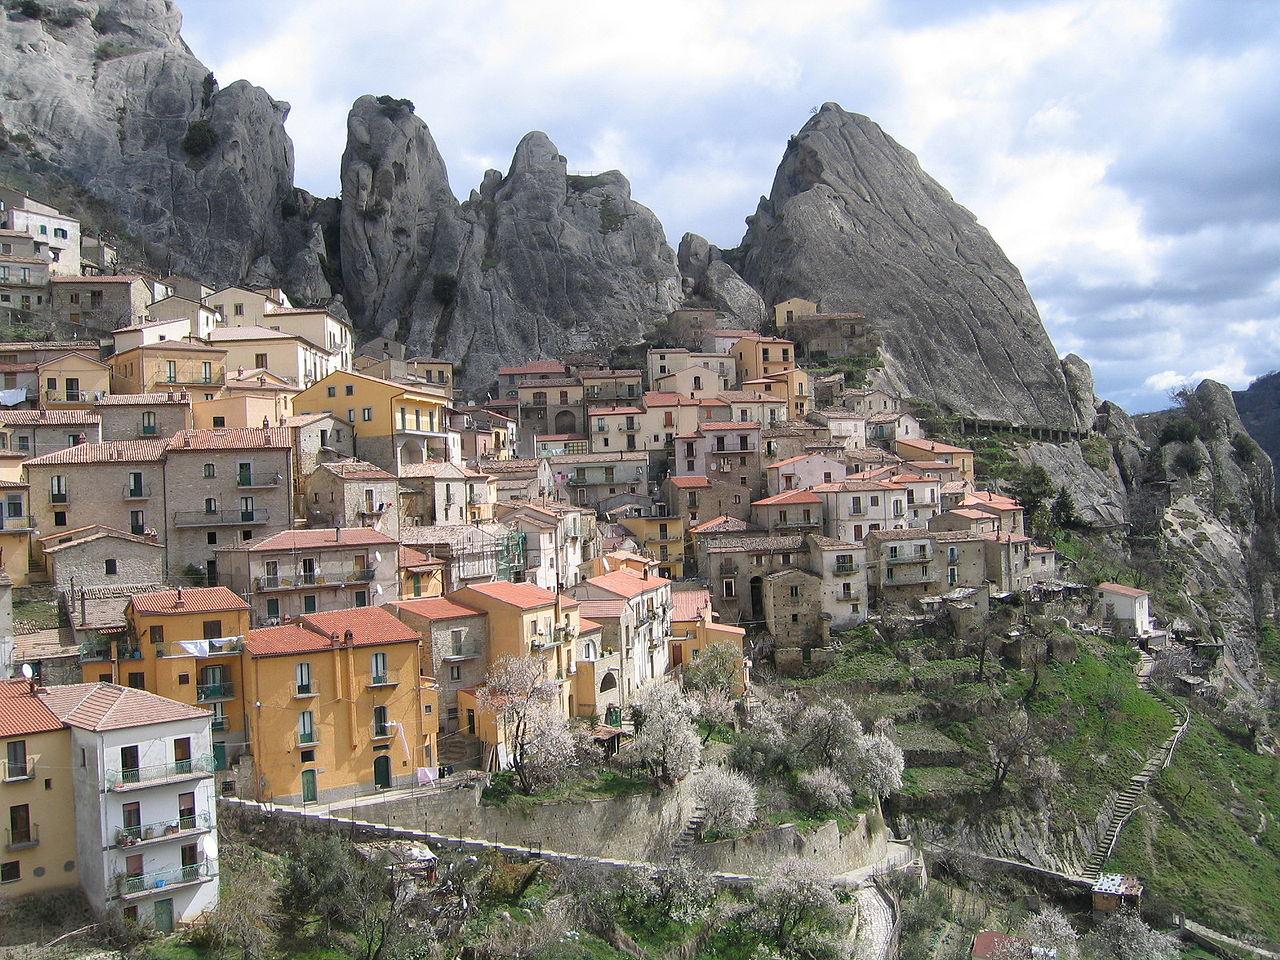 Vista di Castelmezzano, foto di Matheola su wikipedia.org